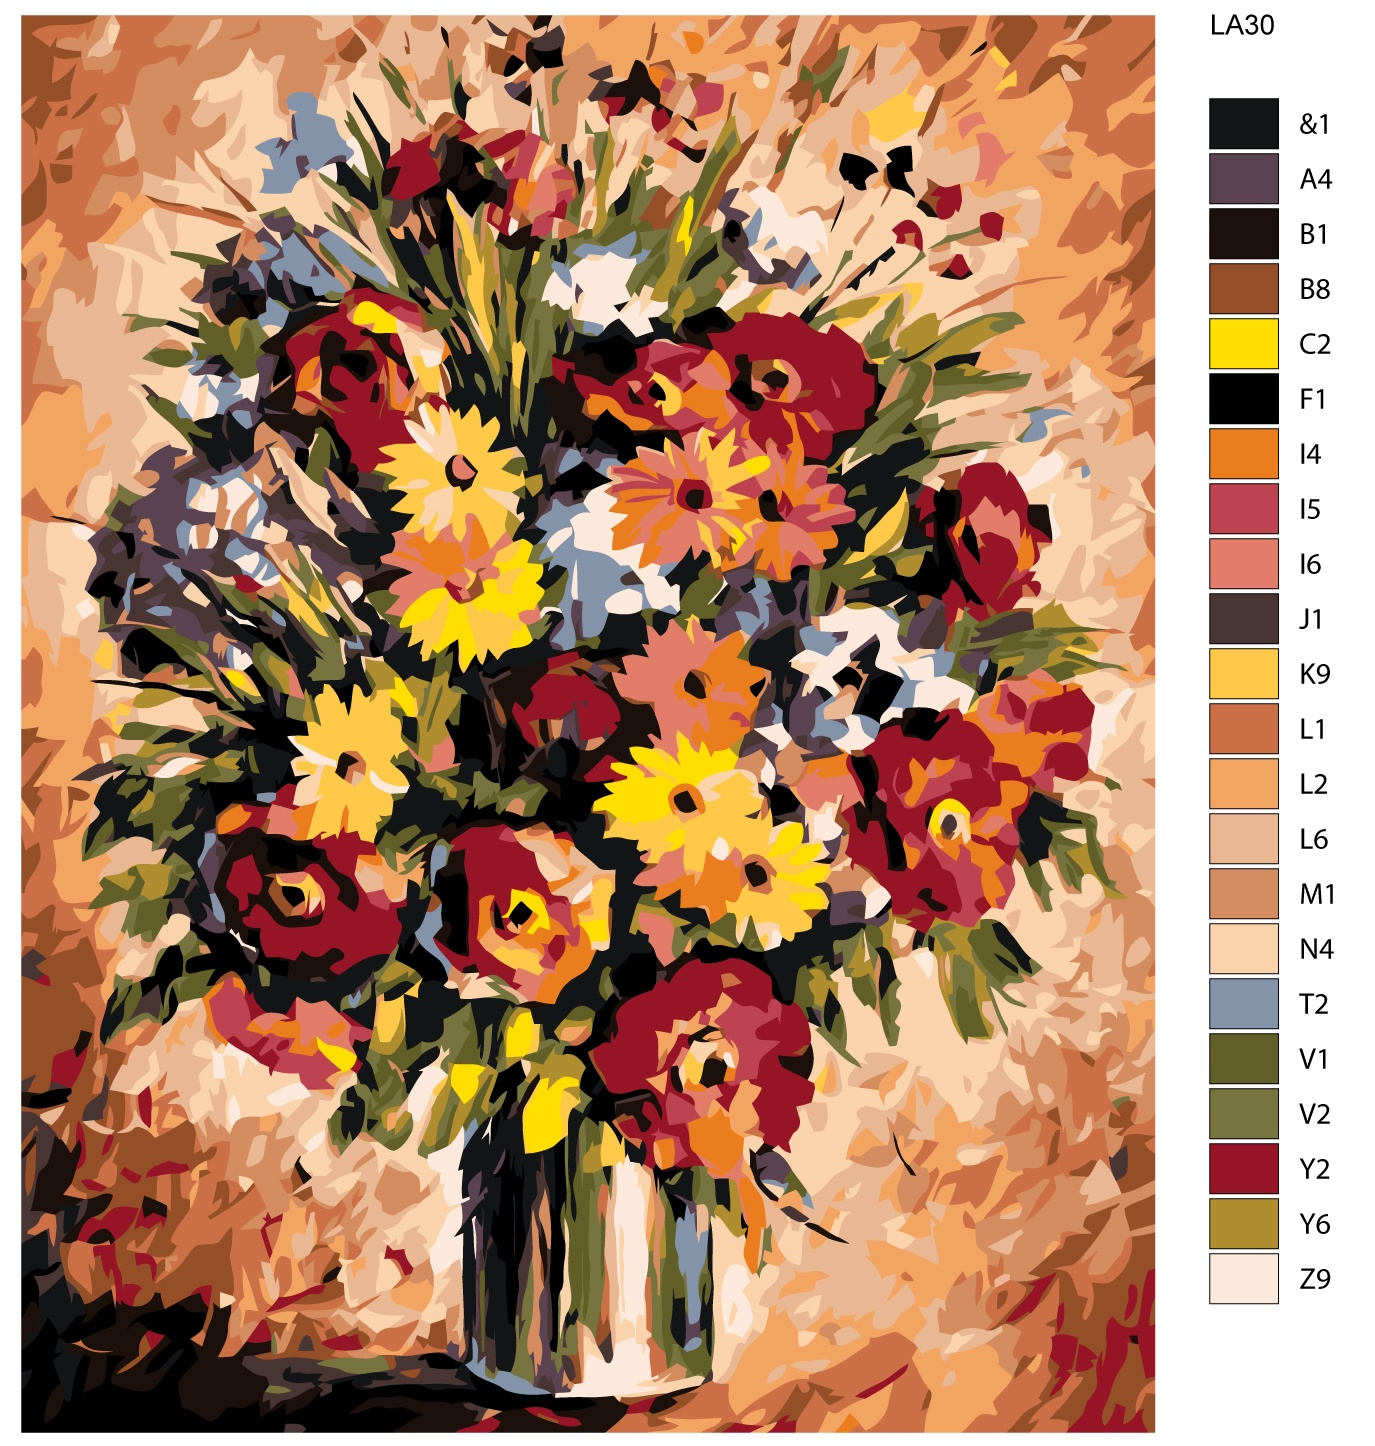 Набор для создания картины Живопись по номерам LA30LA30Количество красок от 18 до 24. Картина раскрашивается без смешивания красок. Высококачественные акриловые краски собственного производства сделают вашу картину яркой и уникальной. Все необходимые материалы есть в комплекте: натуральный хлопковый холст, натянутый на деревянный подрамник, баночки с акриловыми красками на водной основе, 3 кисти из качественного нейлона, схема раскрашивания, инструкция. Просто закрашивайте участки красками с соответствующим номером.